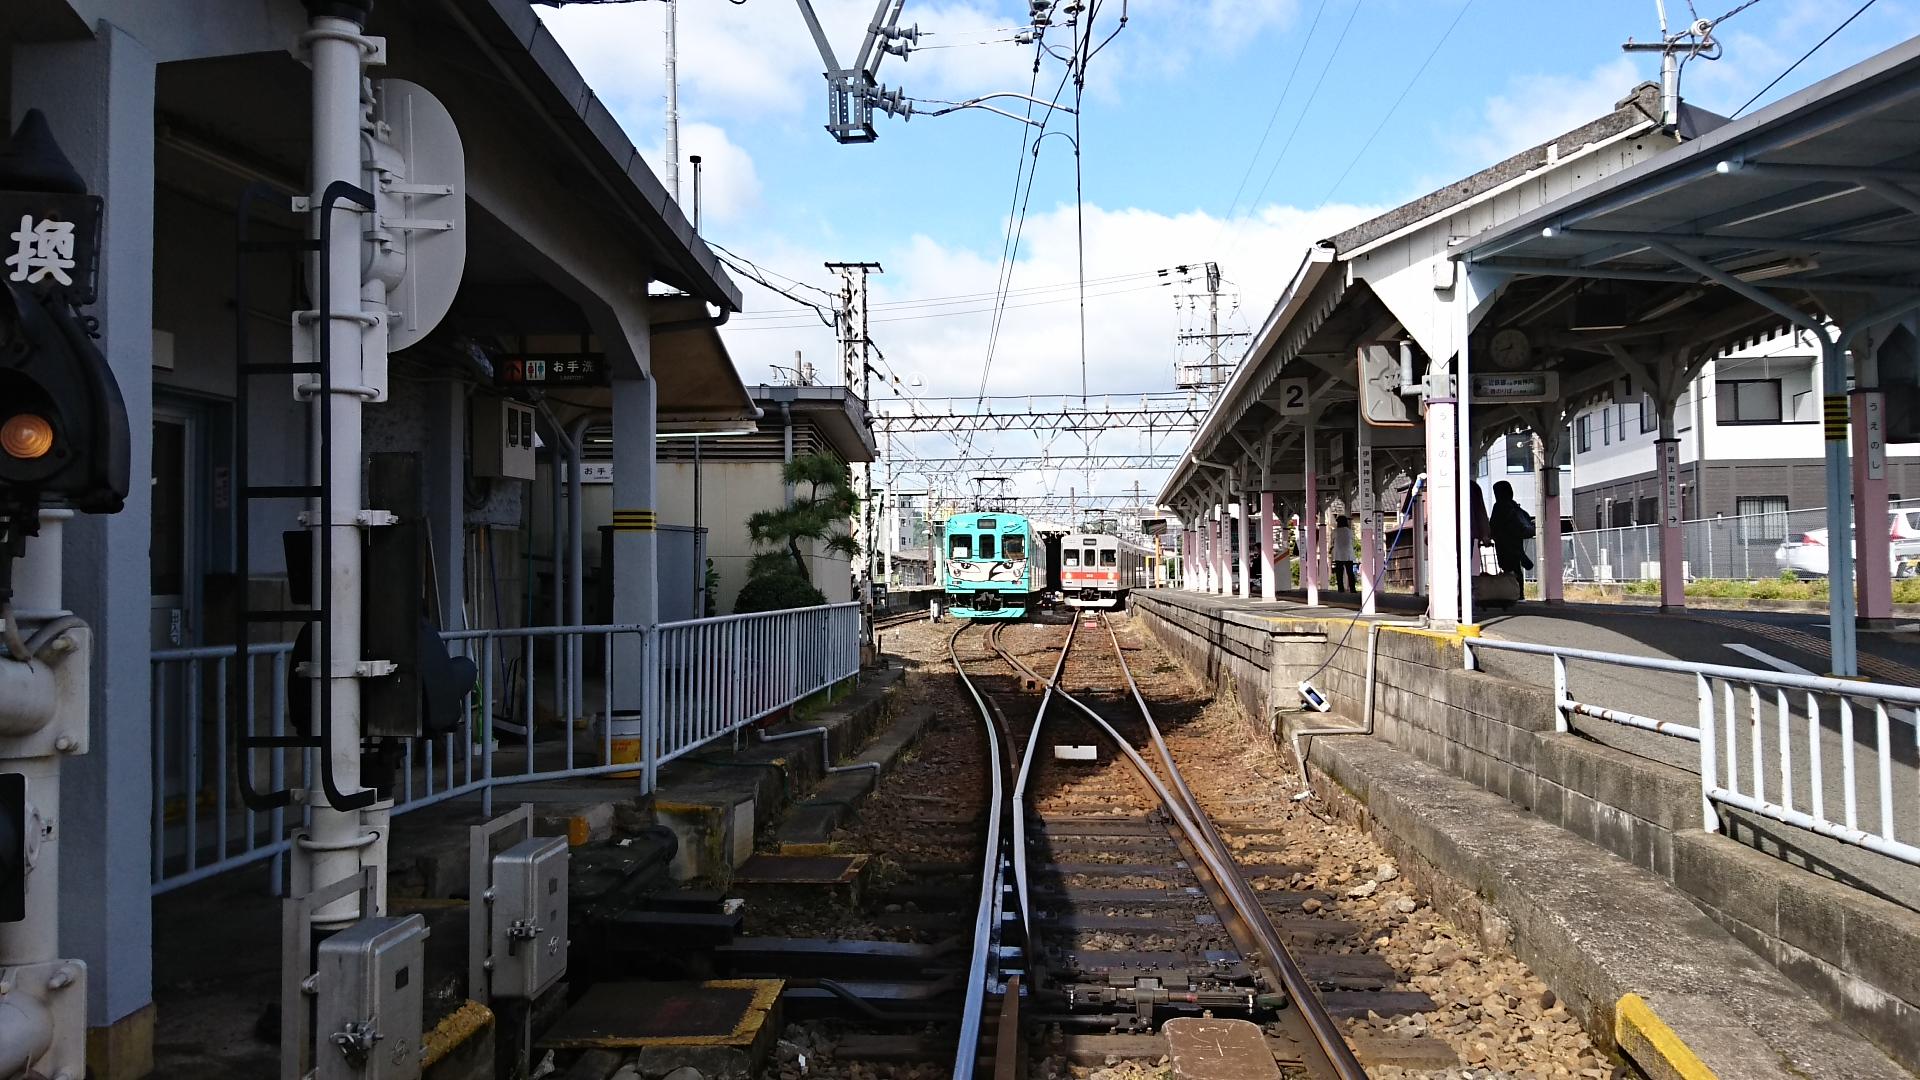 2018.4.26 上野 (46) 上野市 - 伊賀神戸いきふつう 1920-1080